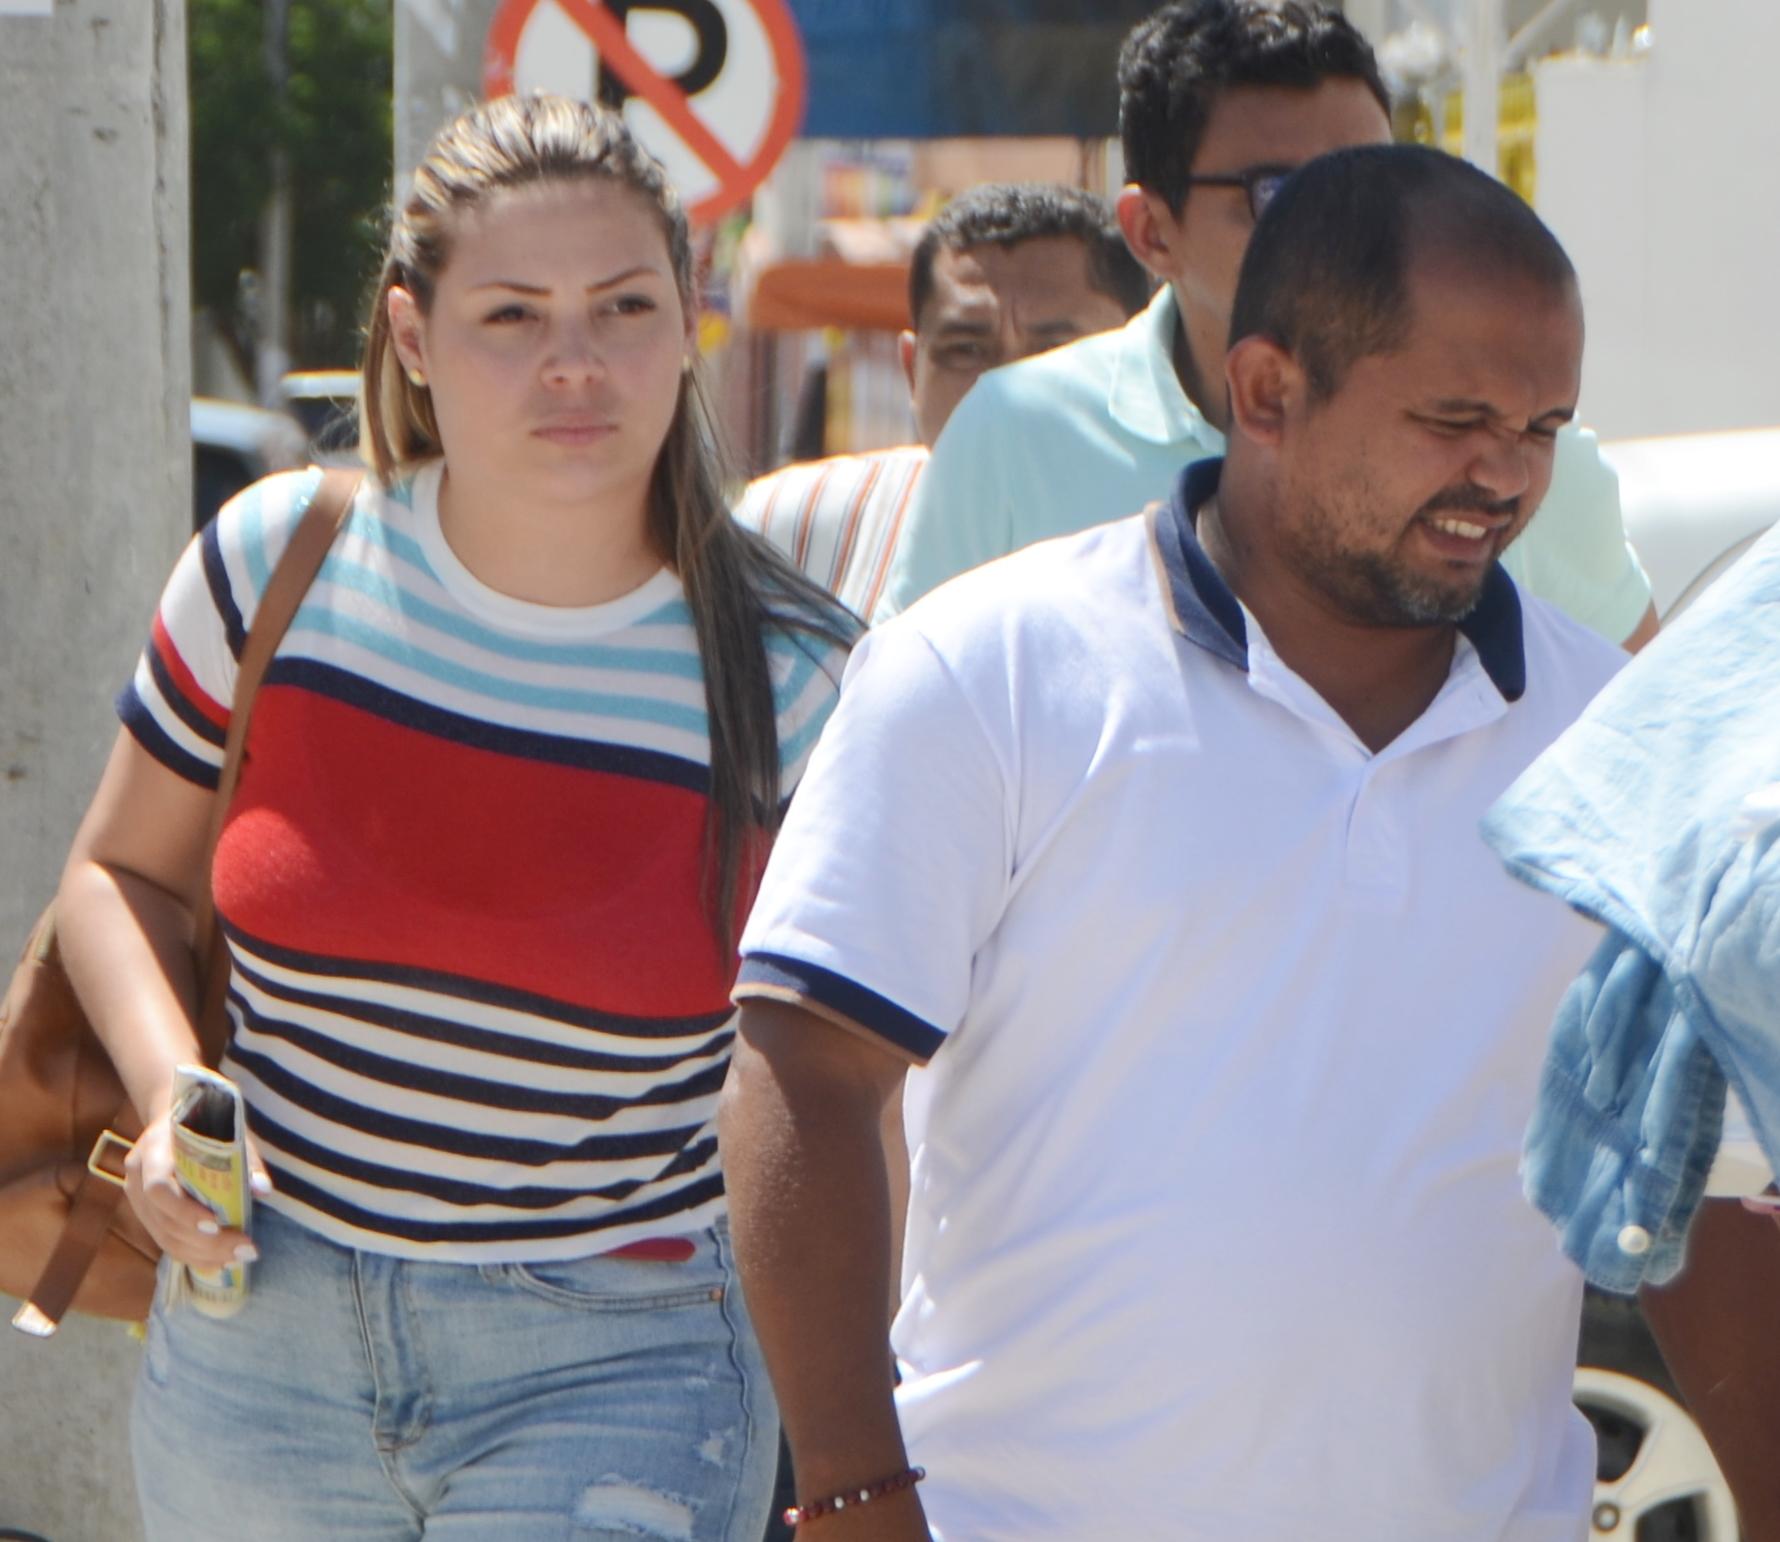 La gerente y el tesorero de la empresa Aguas de Morroa renunciaron a sus cargos tras la captura.